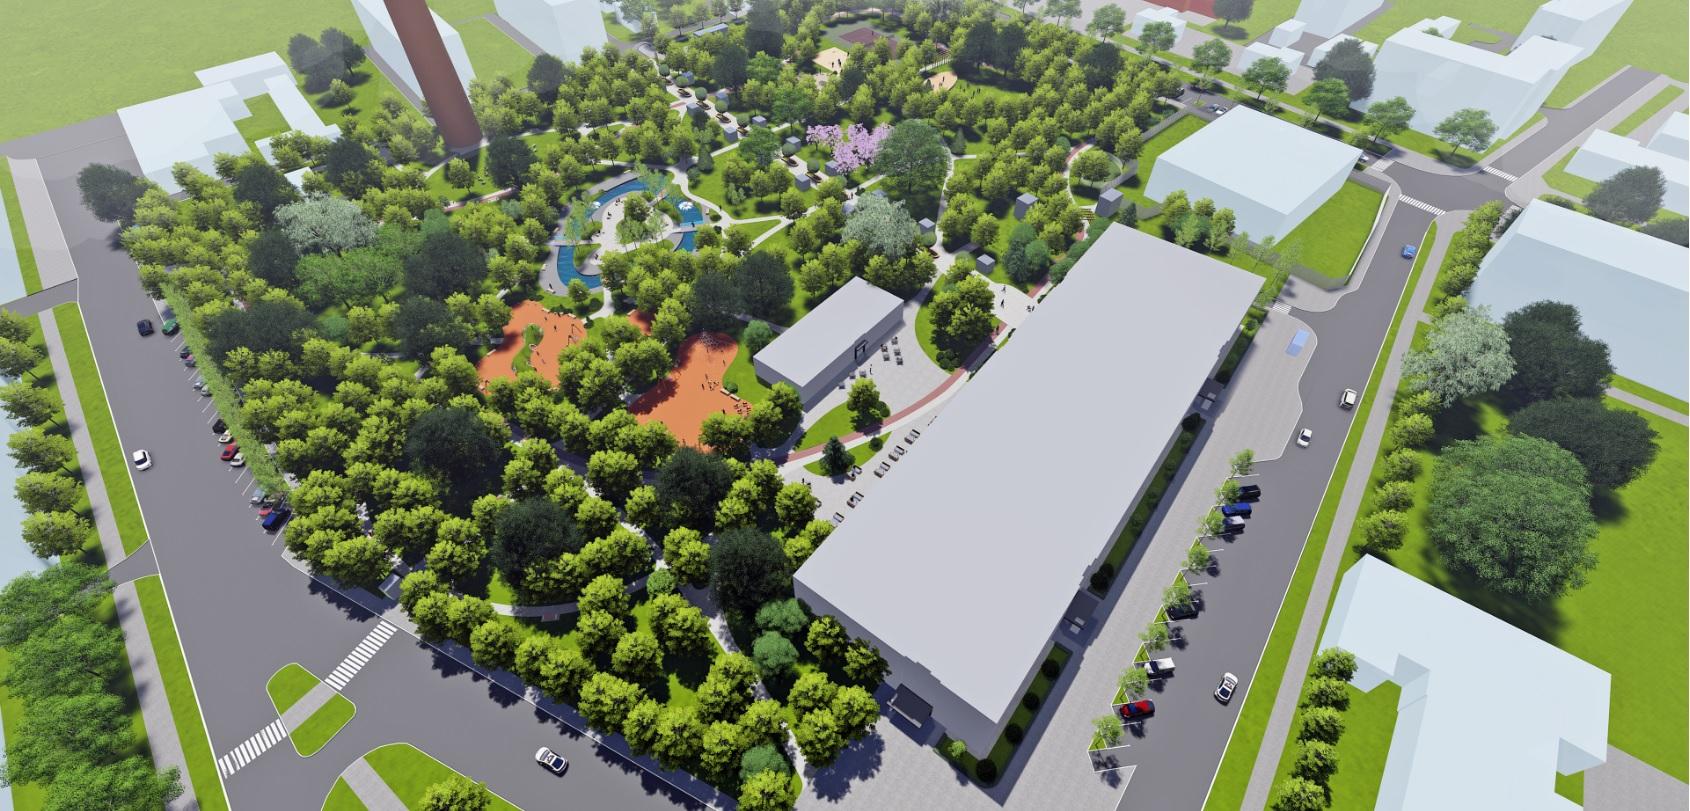 У Фастові оприлюднили проєкт реконструкції міського парку імені Гагаріна - Фастів, реконструкція, парк імені Гагаріна - Park15